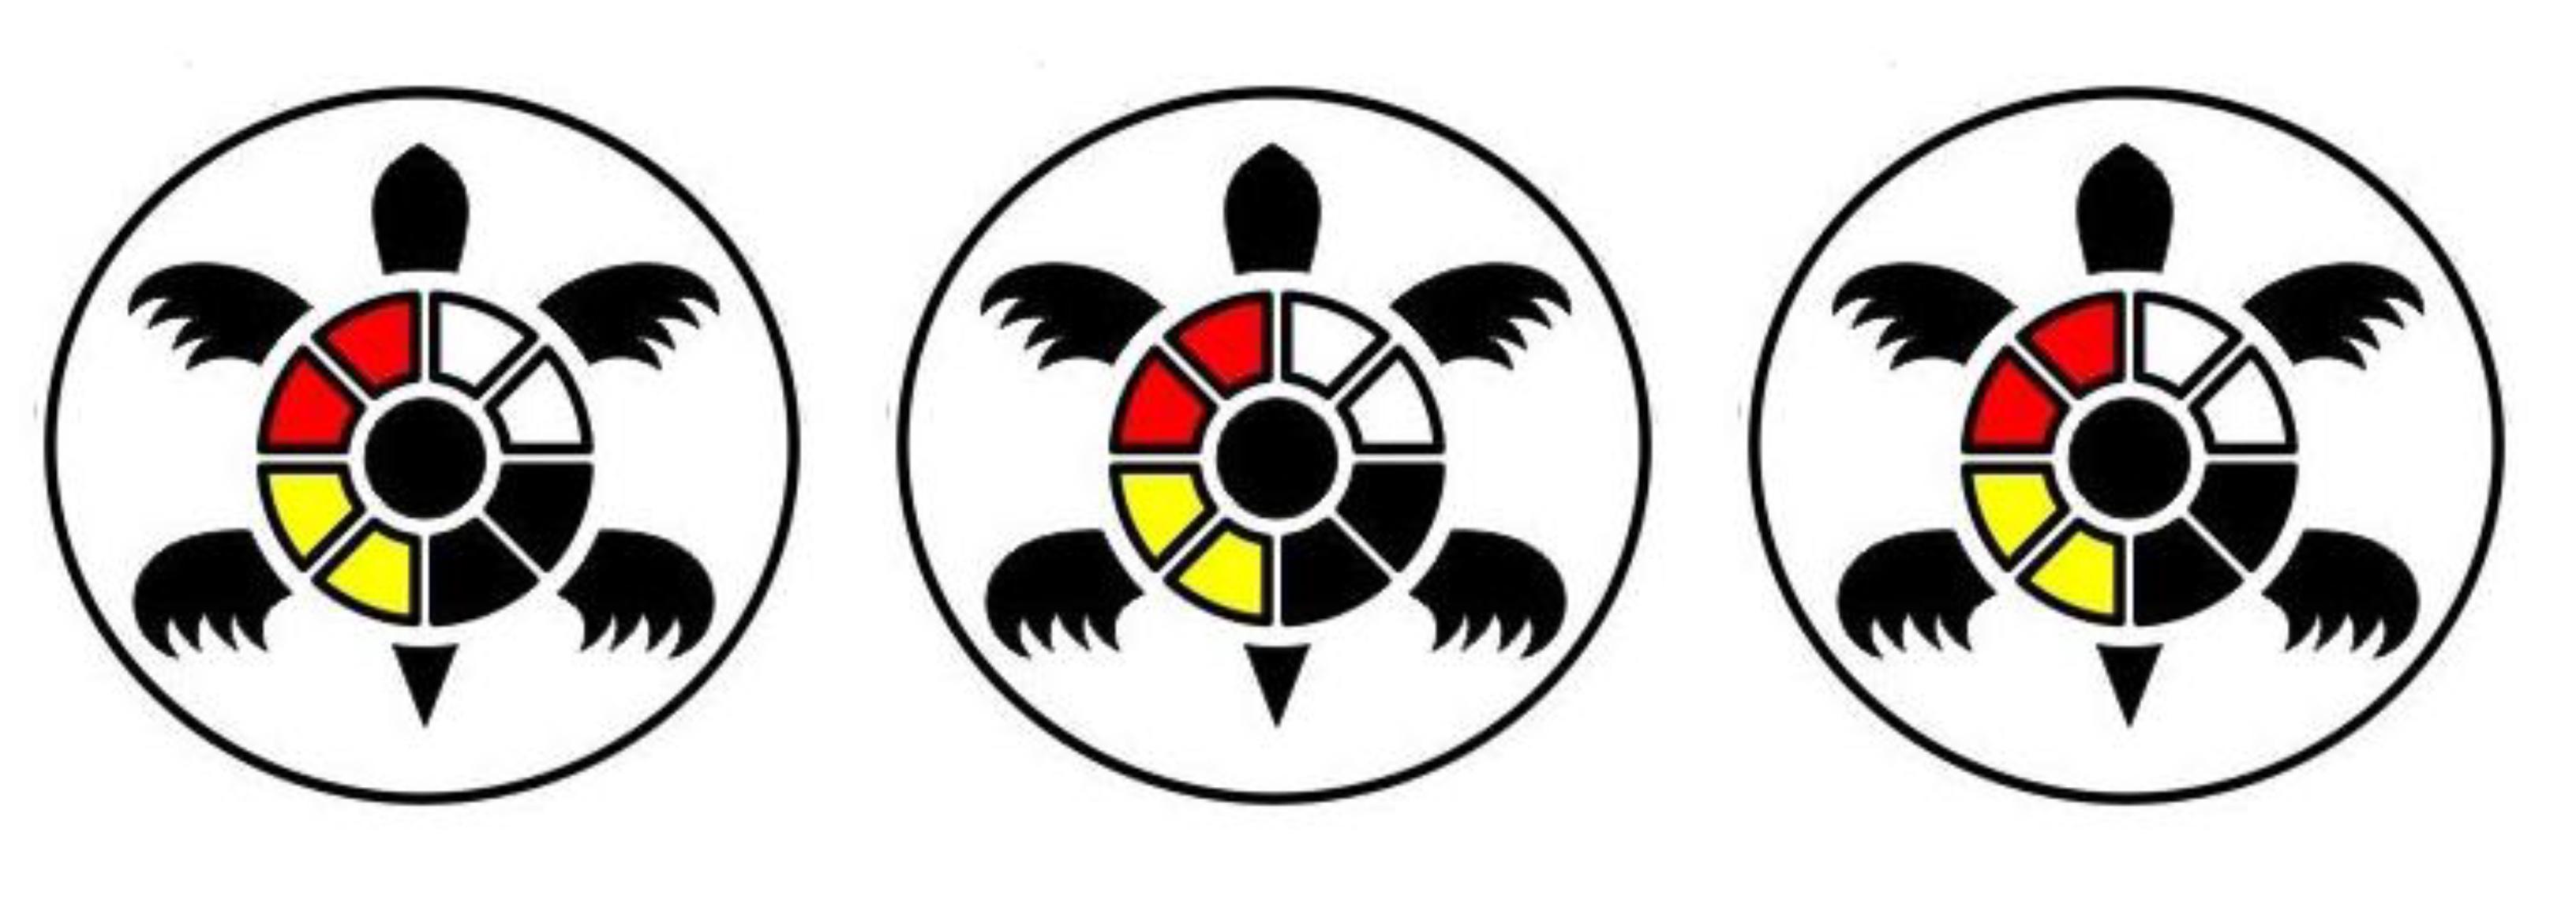 turtle logos